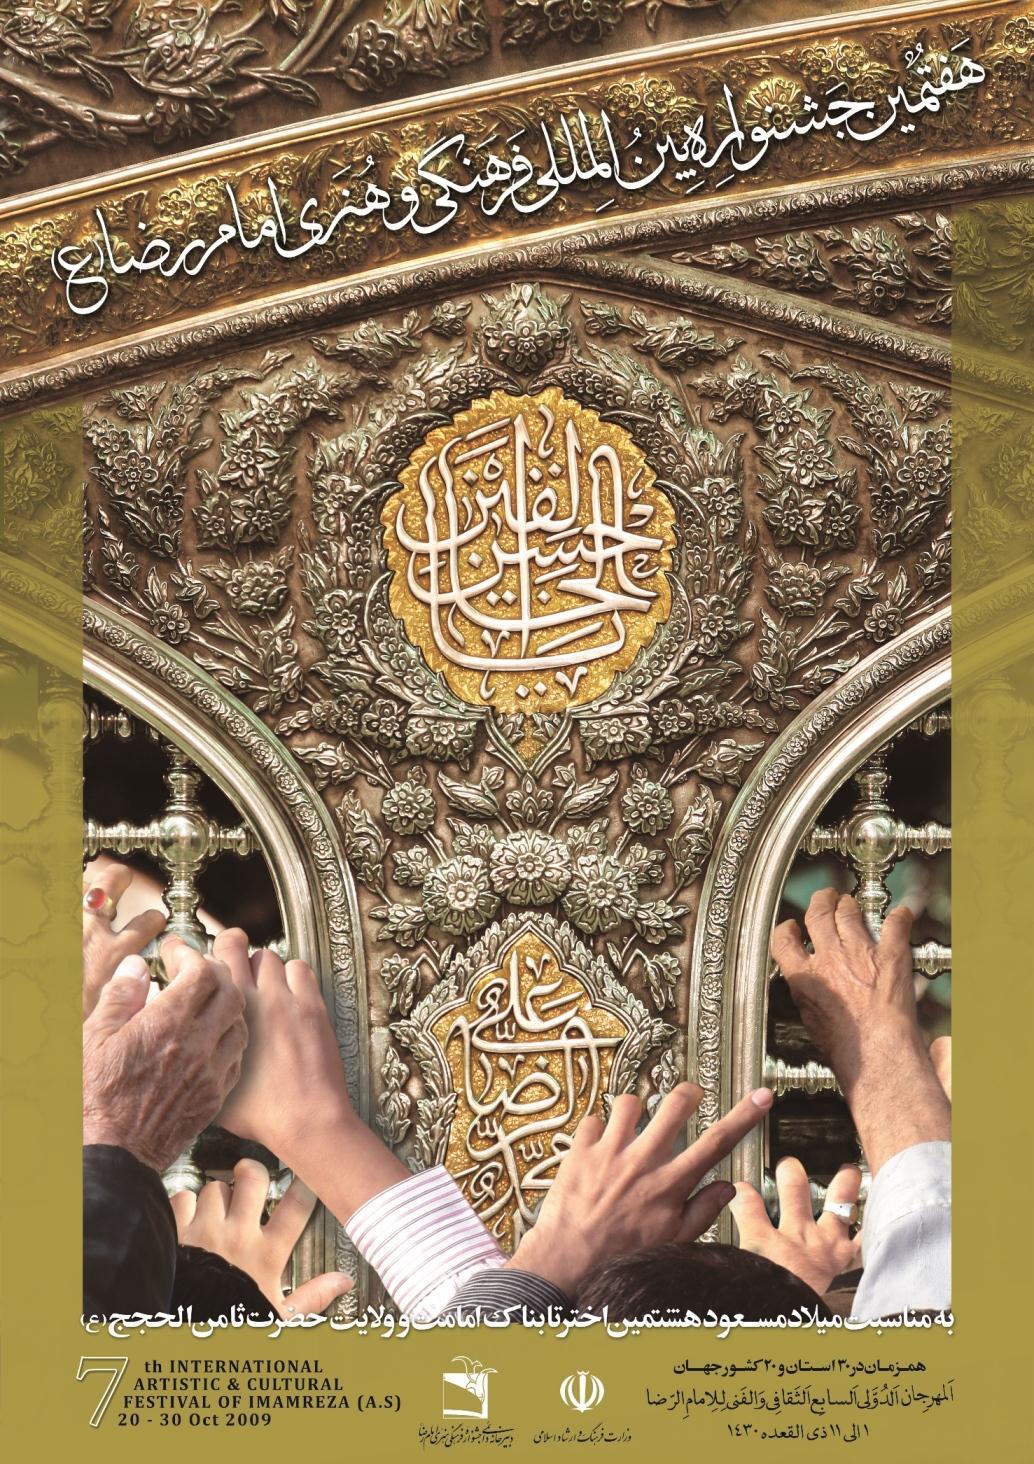 برگزیدگان اولین جشنواره آواها و نواهای رضوی اعلام شد پوسترهای جشنواره بین المللی امام رضا(ع) | شمس توس